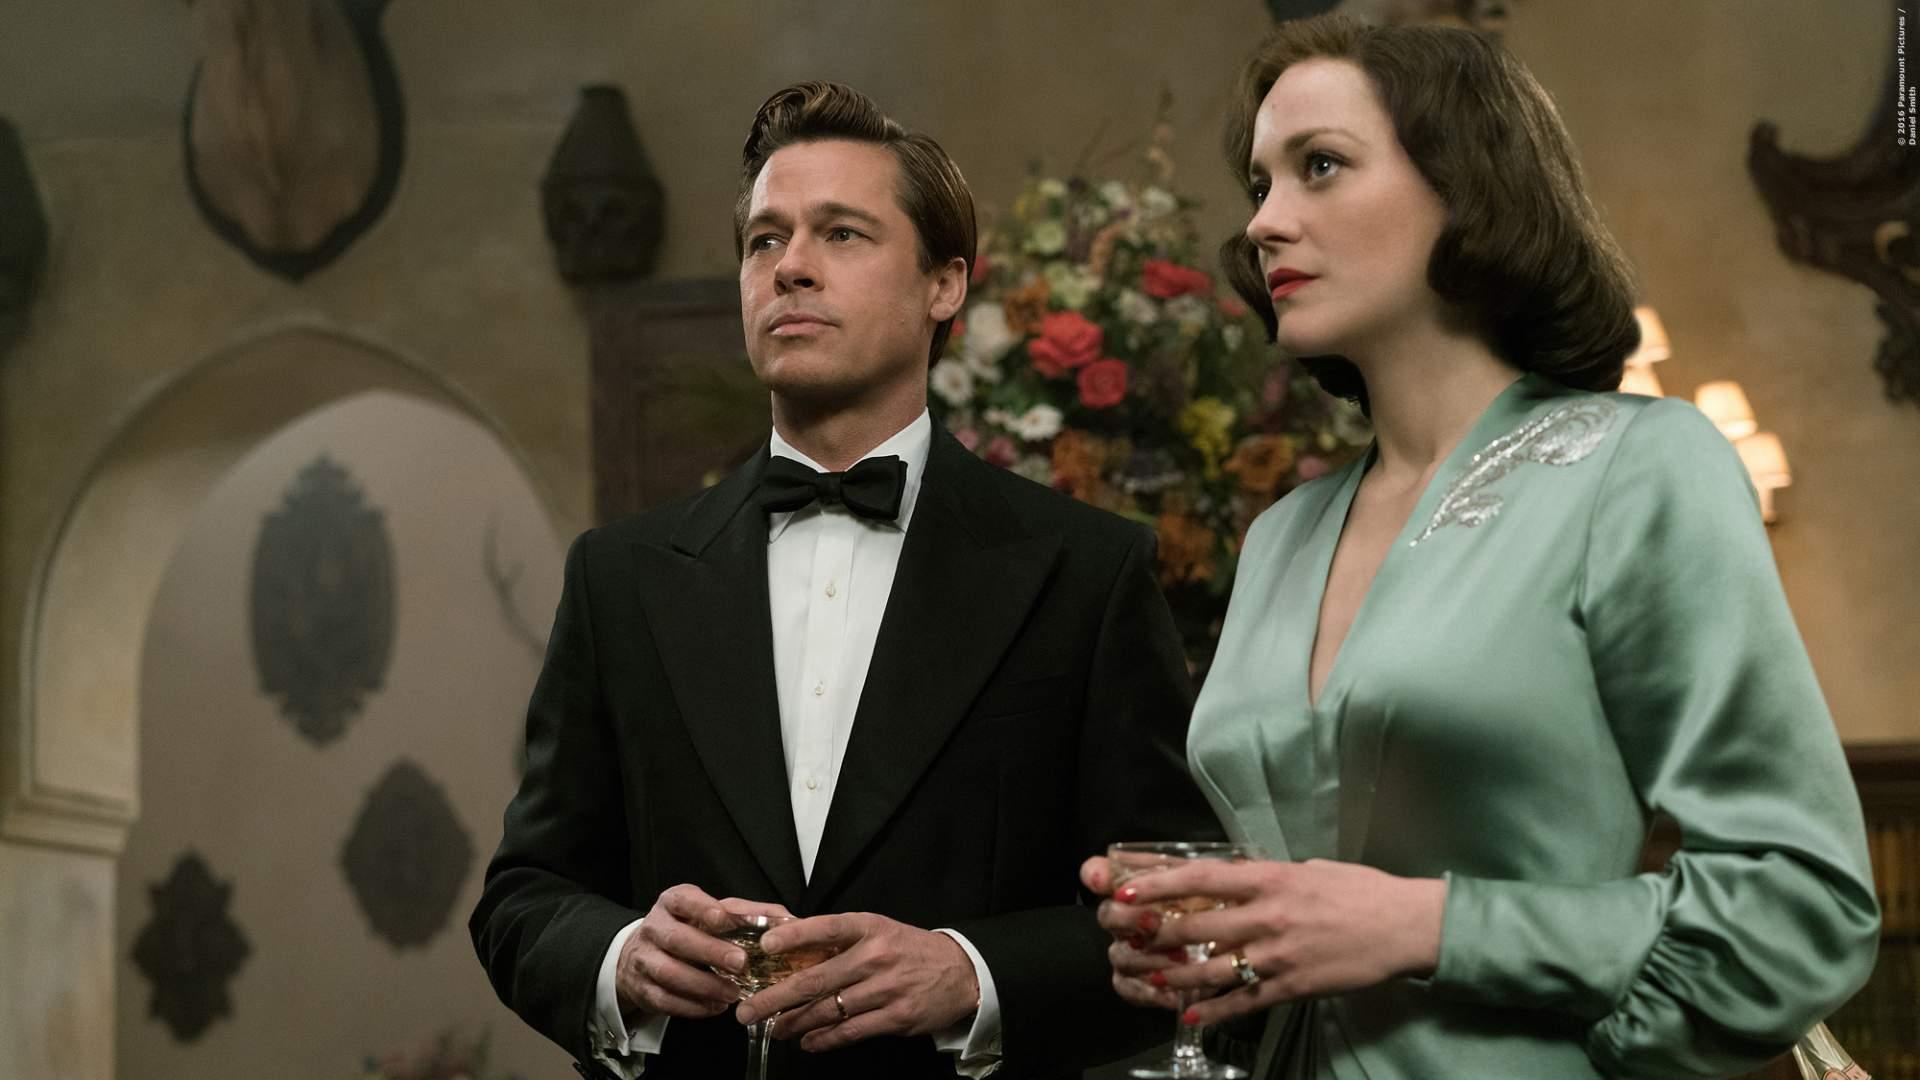 Erster Trailer zu Allied mit Brad Pitt - Bild 1 von 2